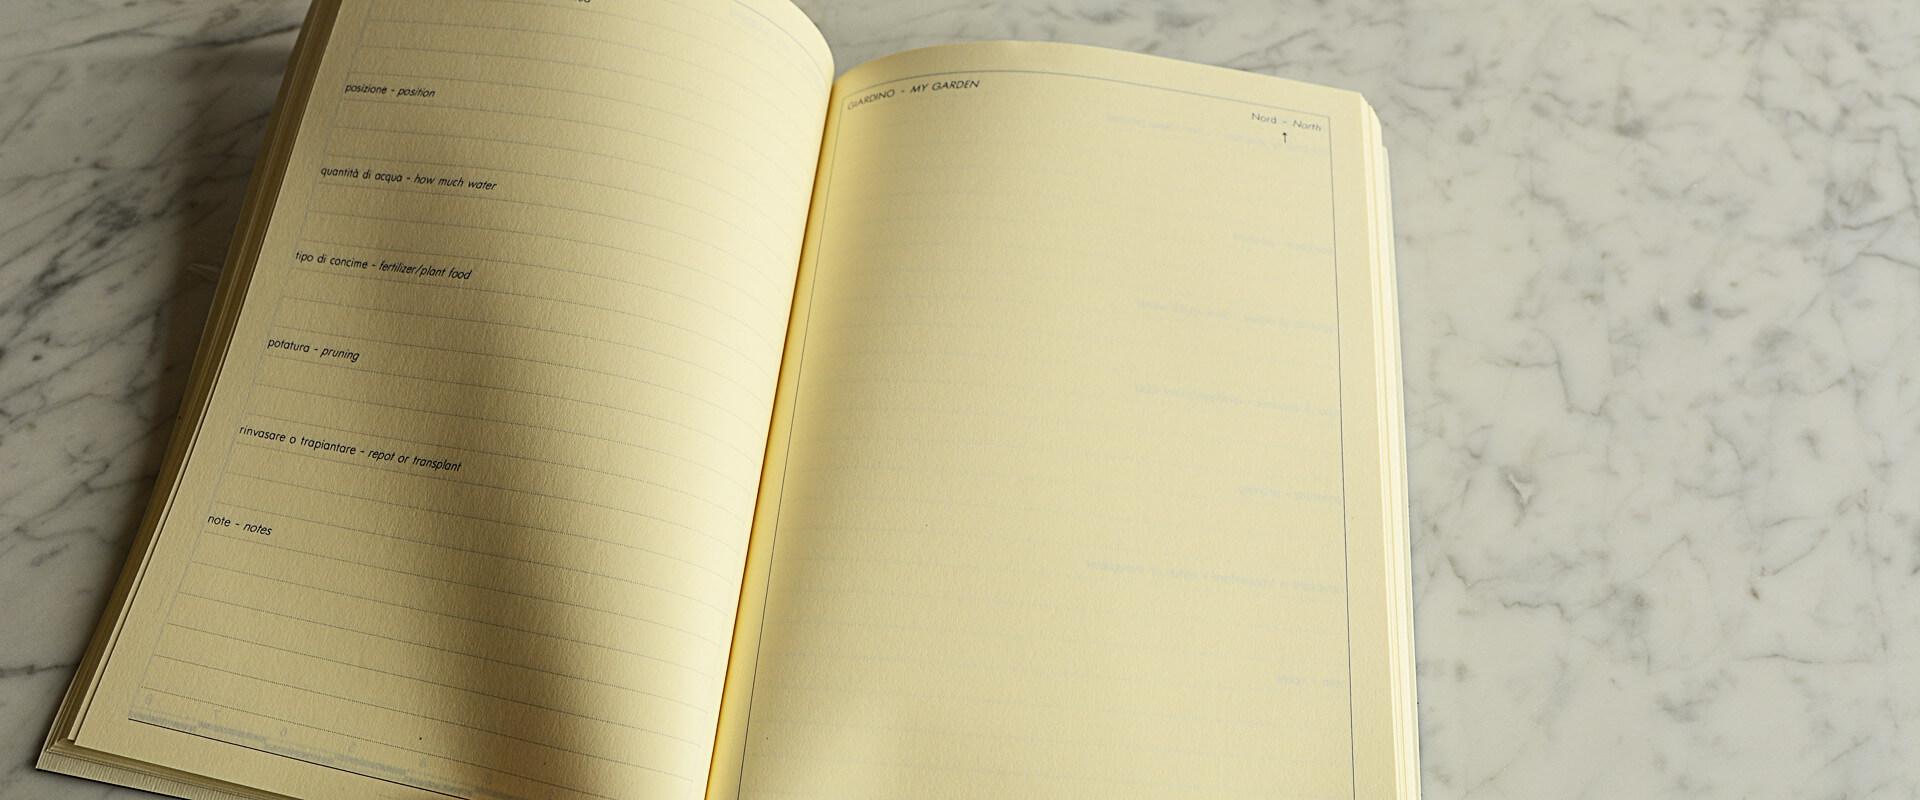 quaderno botanica quotus